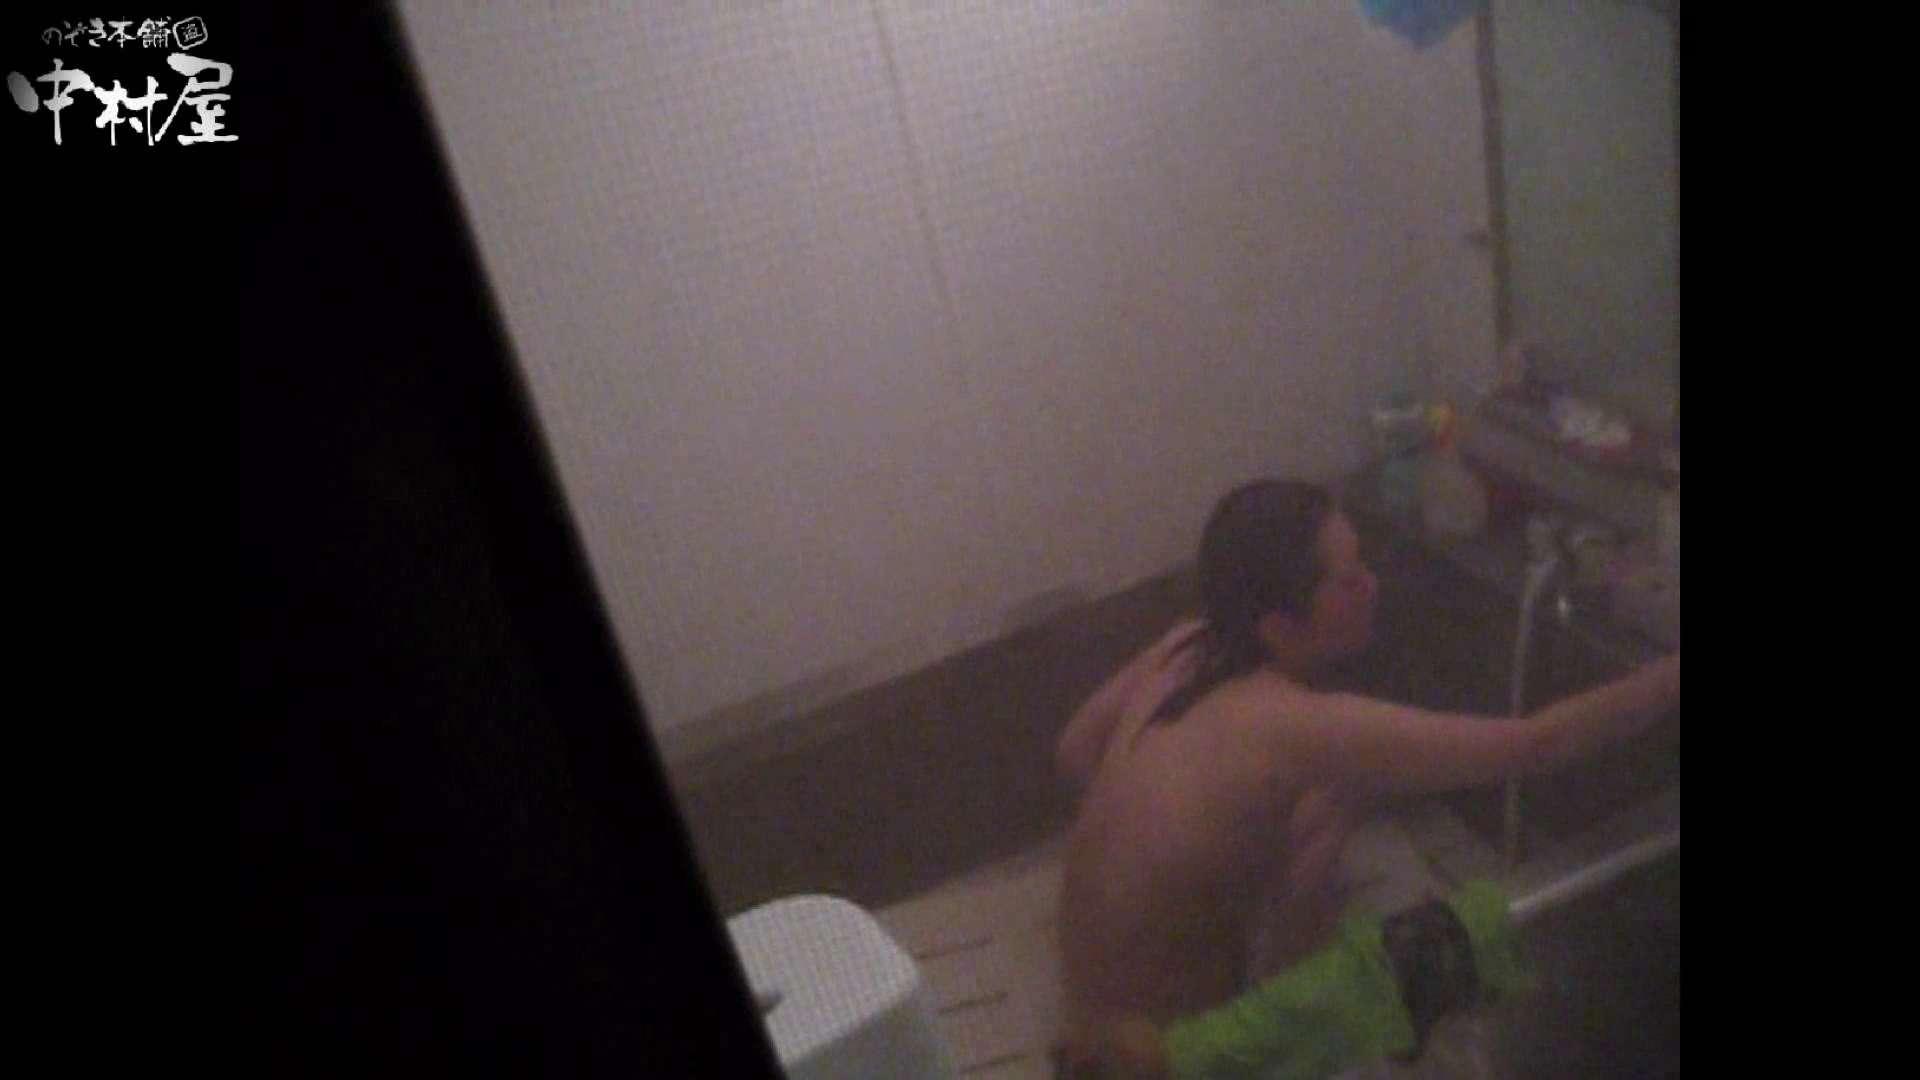 民家風呂専門盗撮師の超危険映像 vol.020 エロい美少女 セックス画像 93PIX 39